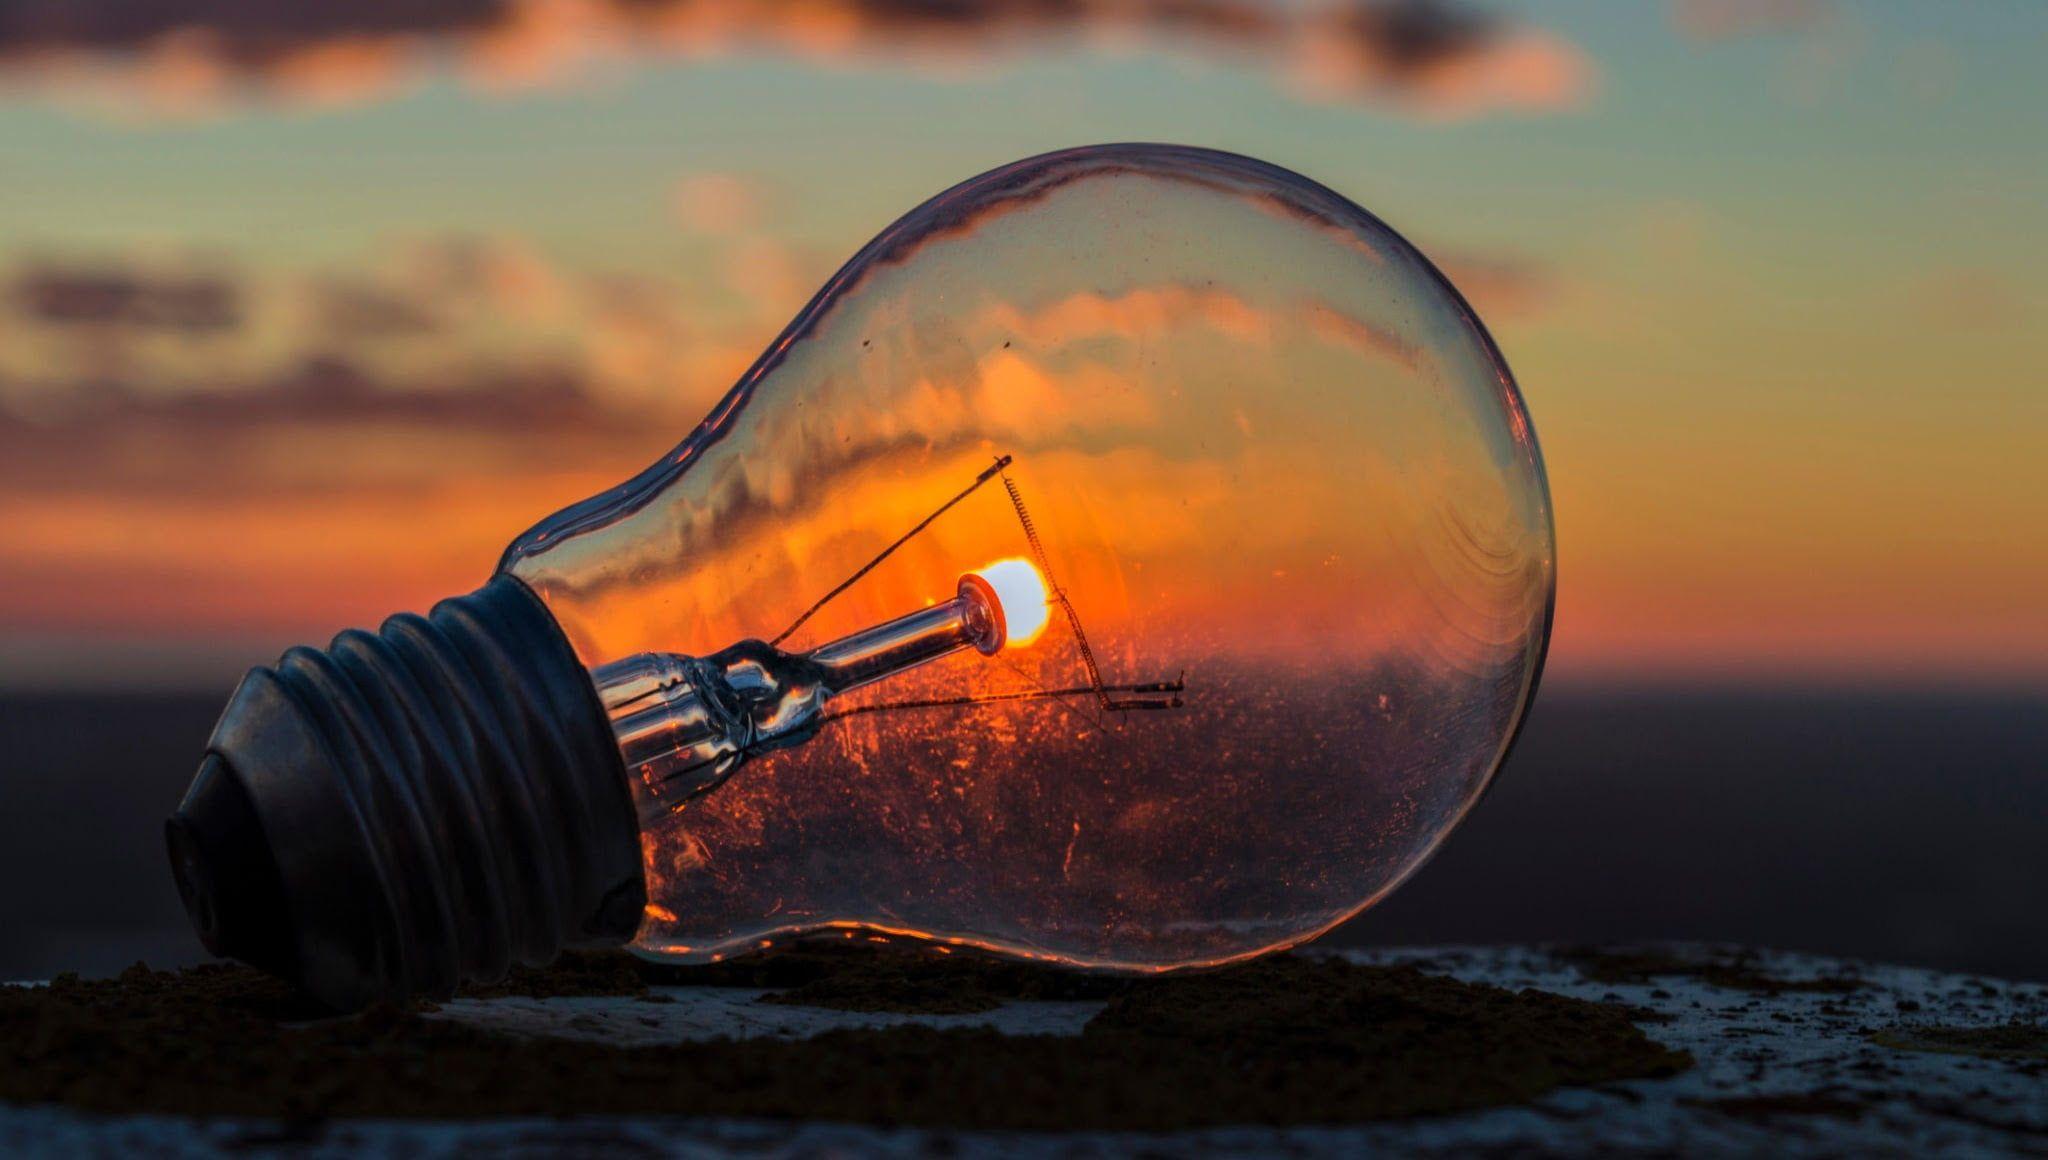 Sun Light Bulb 1080p Wallpaper Hdwallpaper Desktop Bulb Photography Light Bulb Art Light Bulb